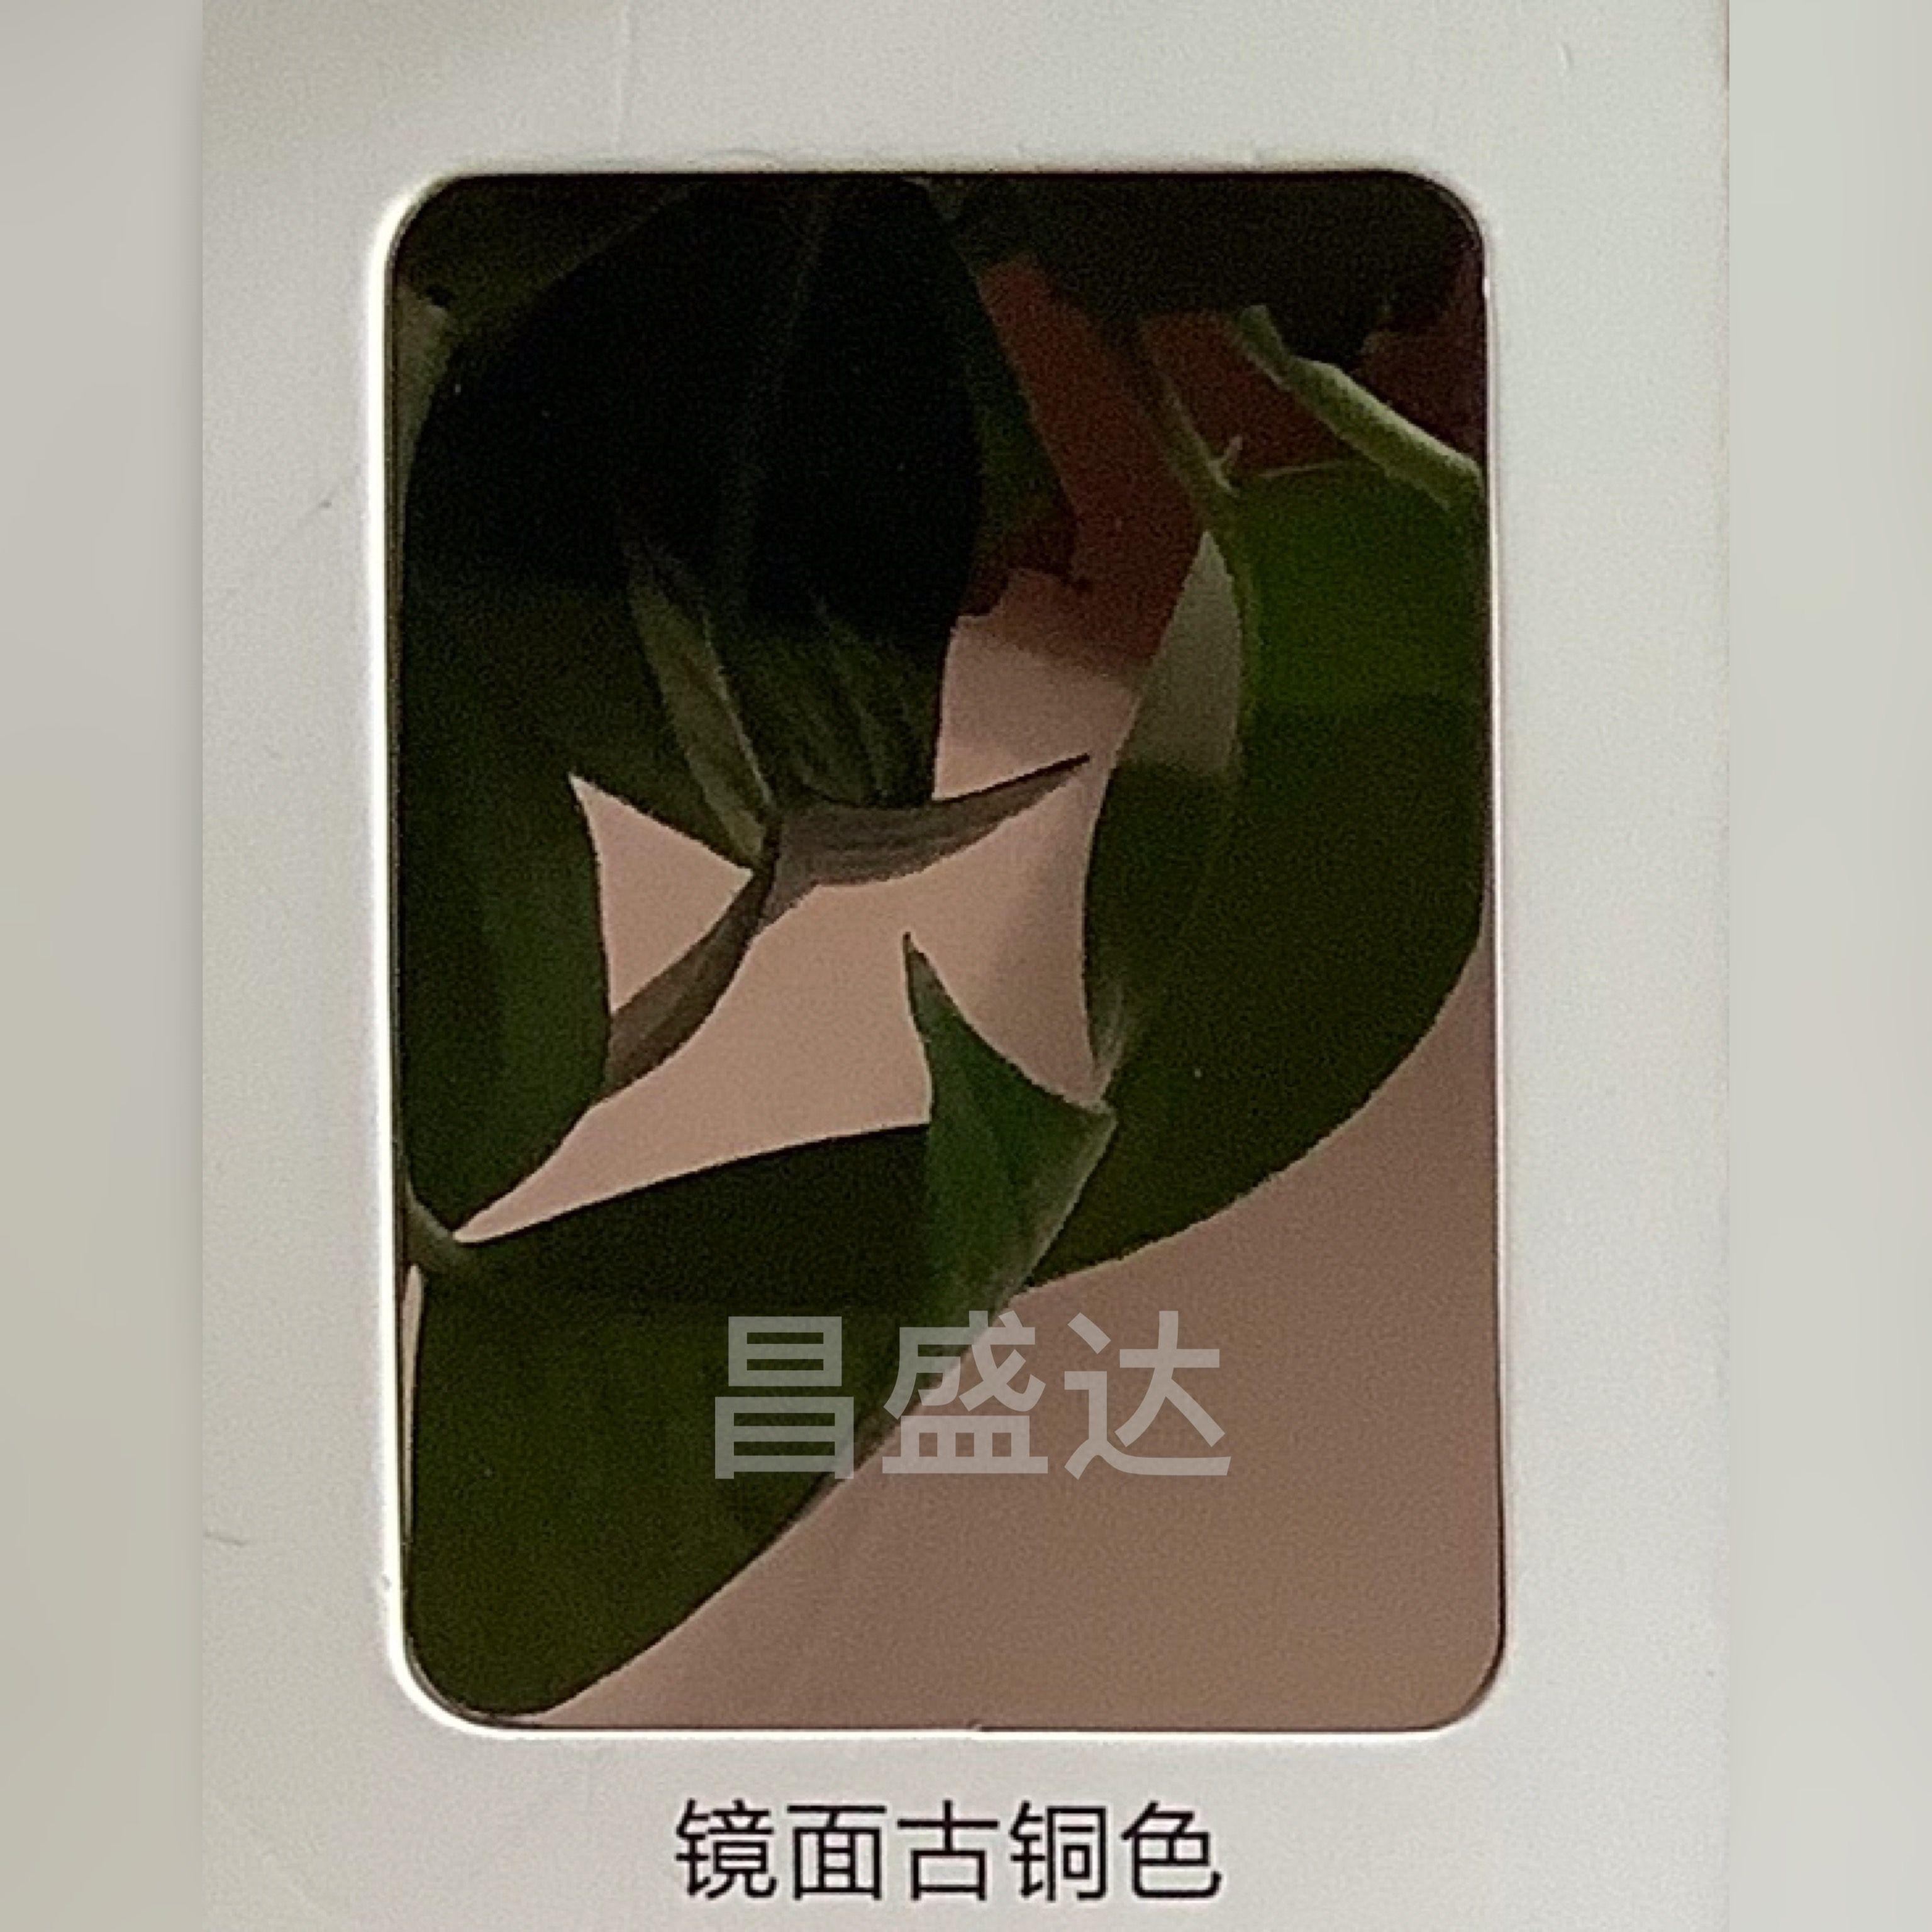 山西昌盛达古铜色镜面板